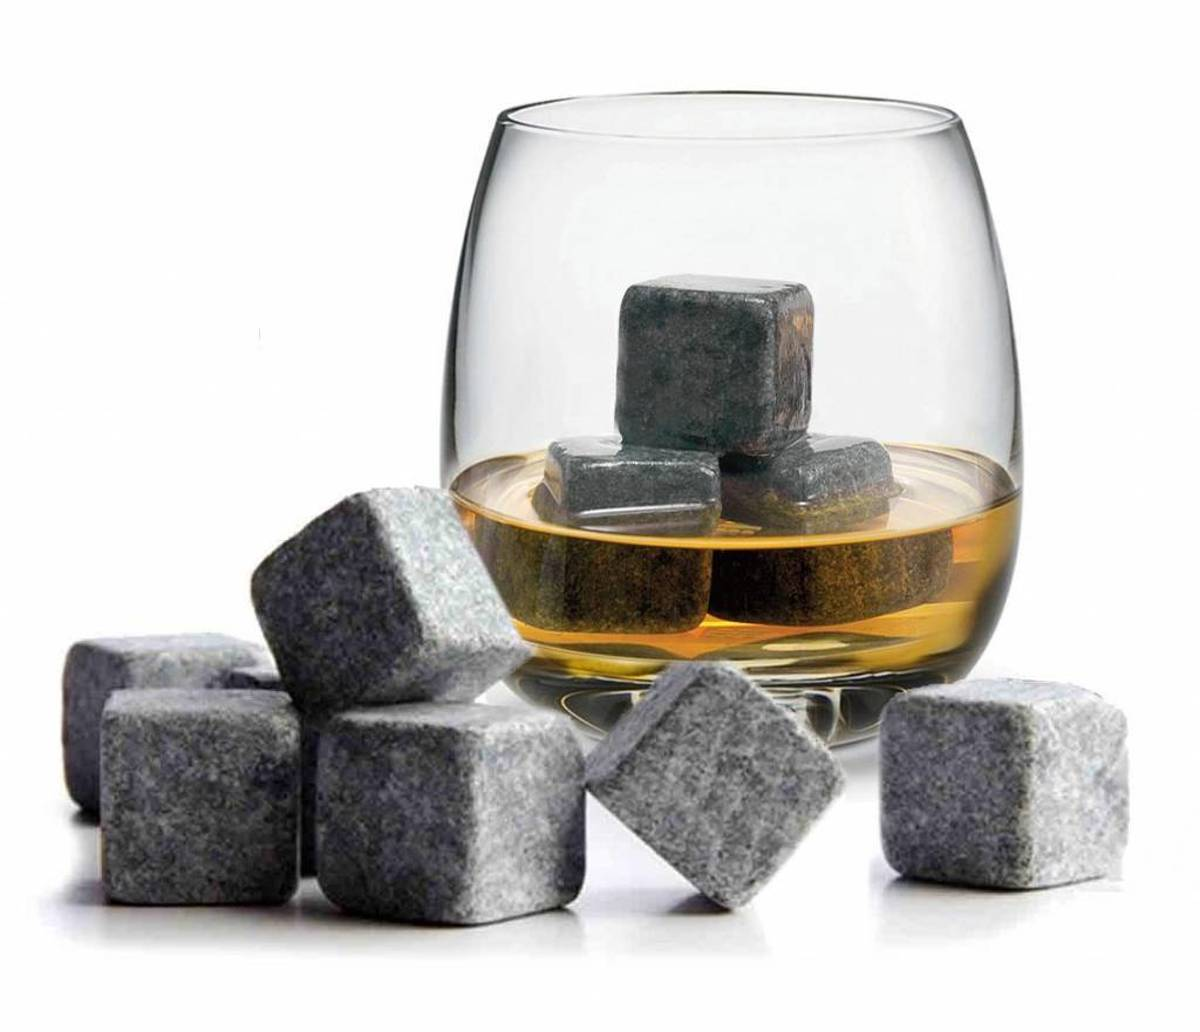 18 Whiskey Stenen Ijsblokjes 2 x 9 Stuks met Opbergzakje – Natural Whiskey Stones Pouch Set kopen